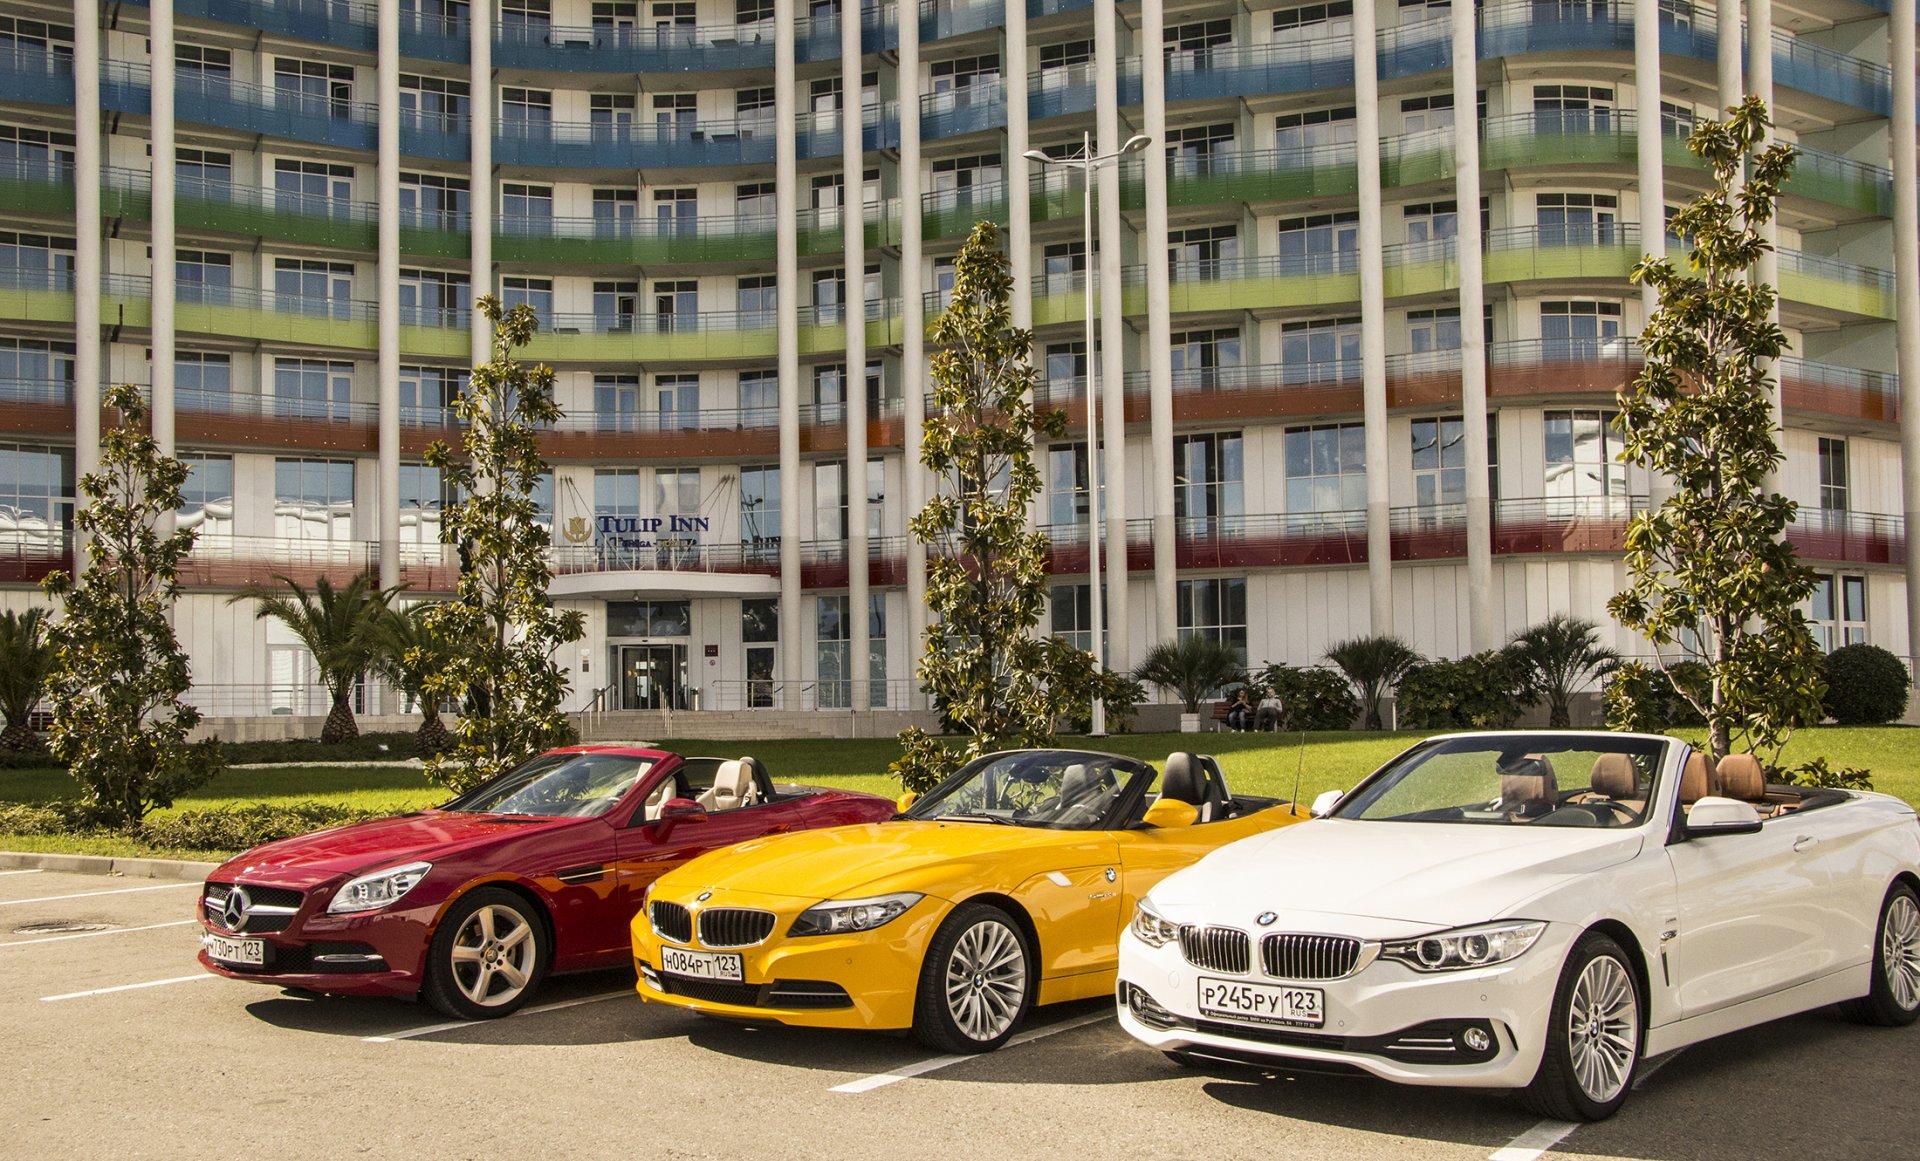 Как отдыхать с комфортом: забронировать автомобиль напрокат